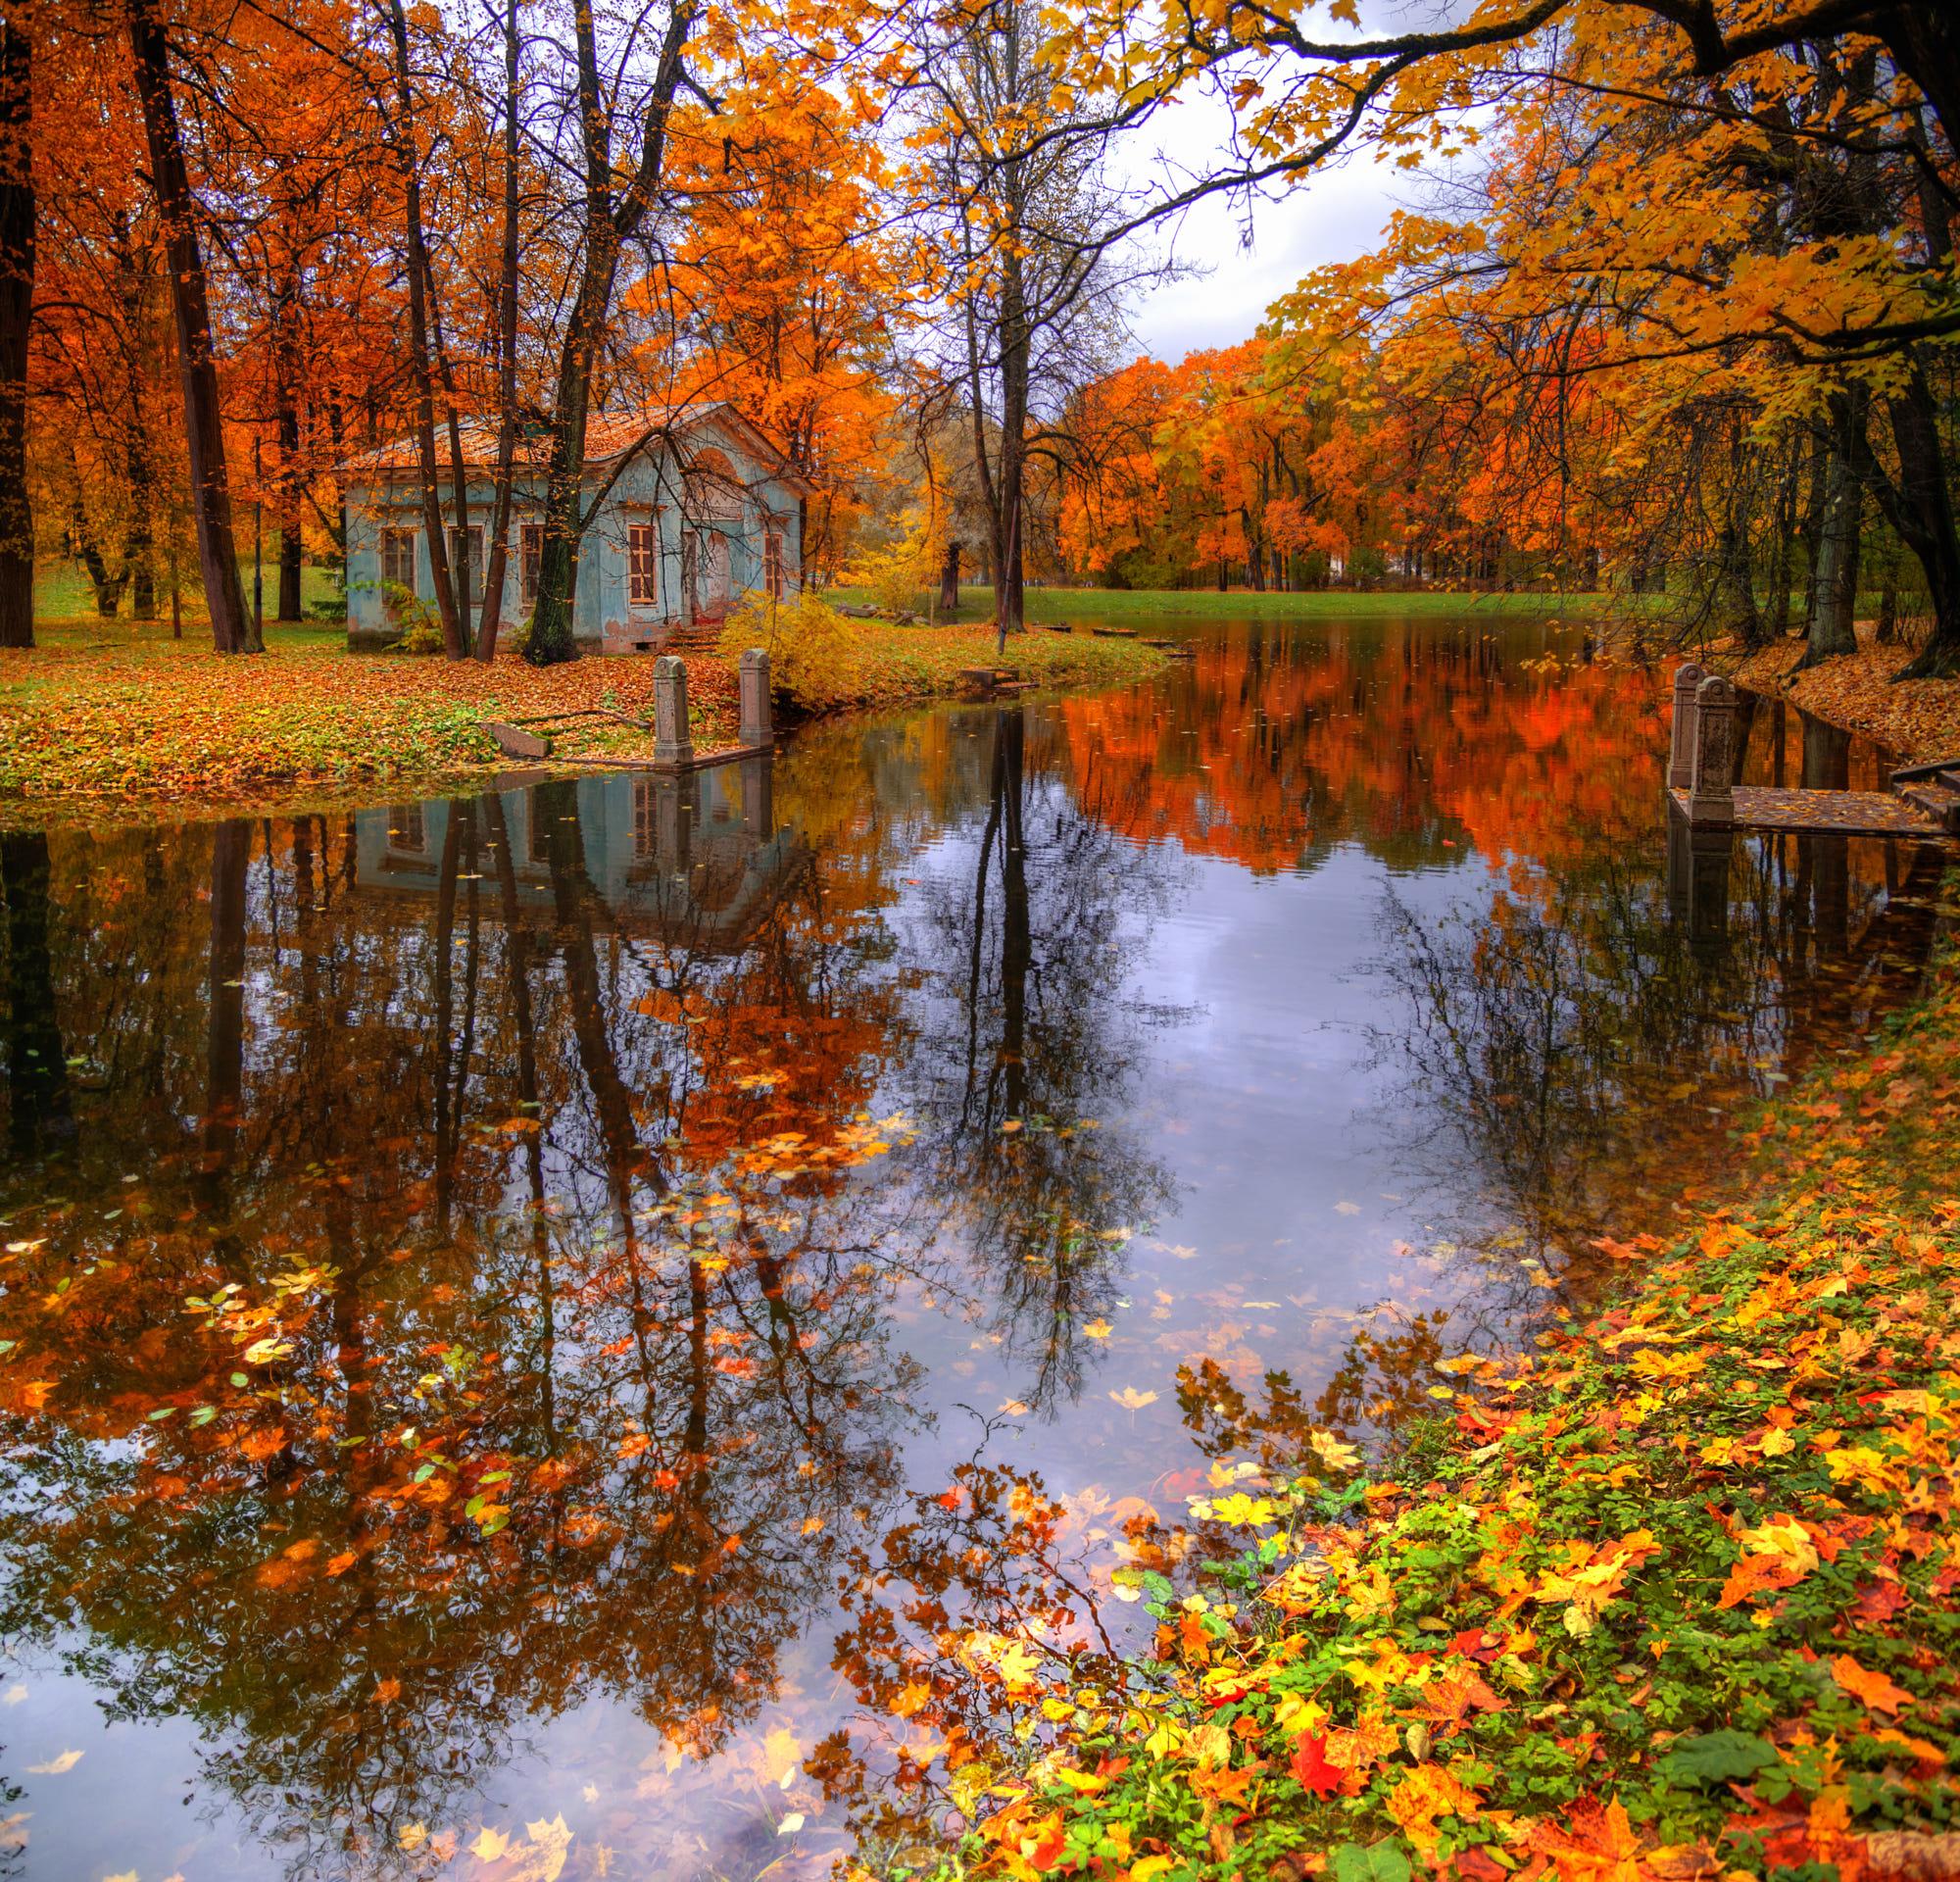 Фото Царское село осенью, Санкт-Петербург, октябрь, фотограф Гордеев Эдуард